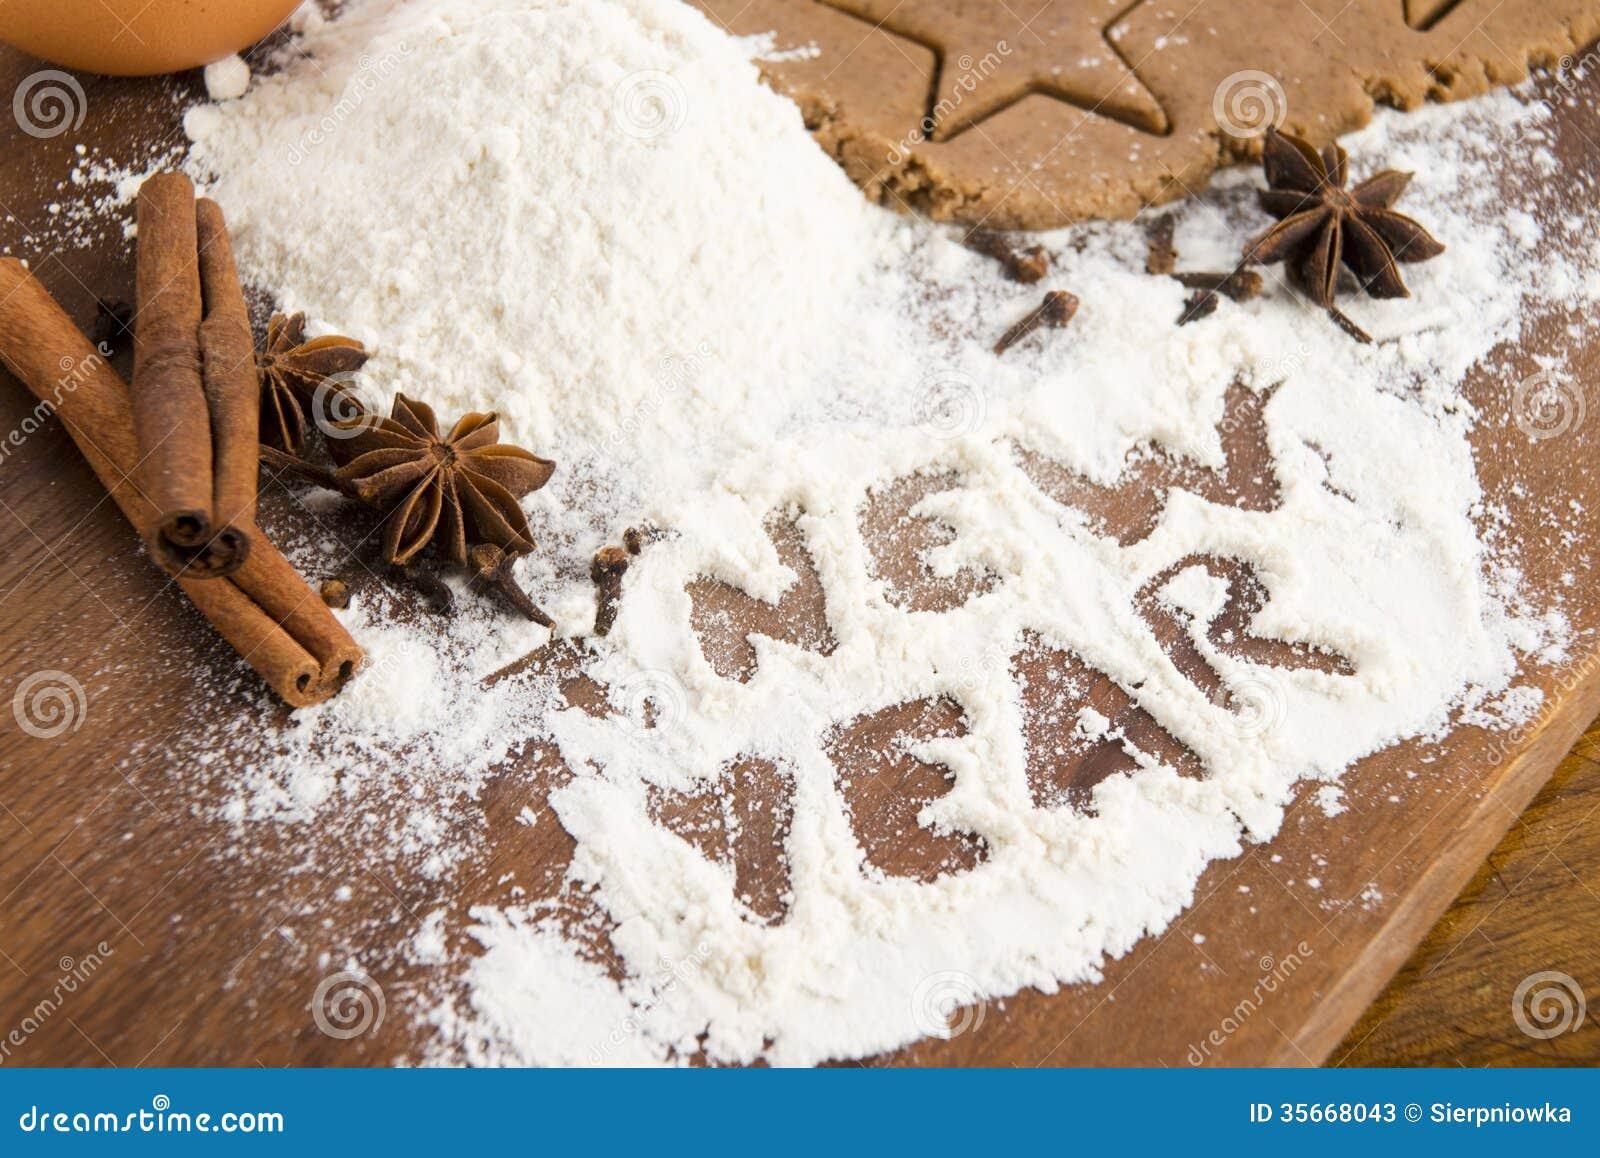 Η επιγραφή στο αλεύρι - νέο έτος